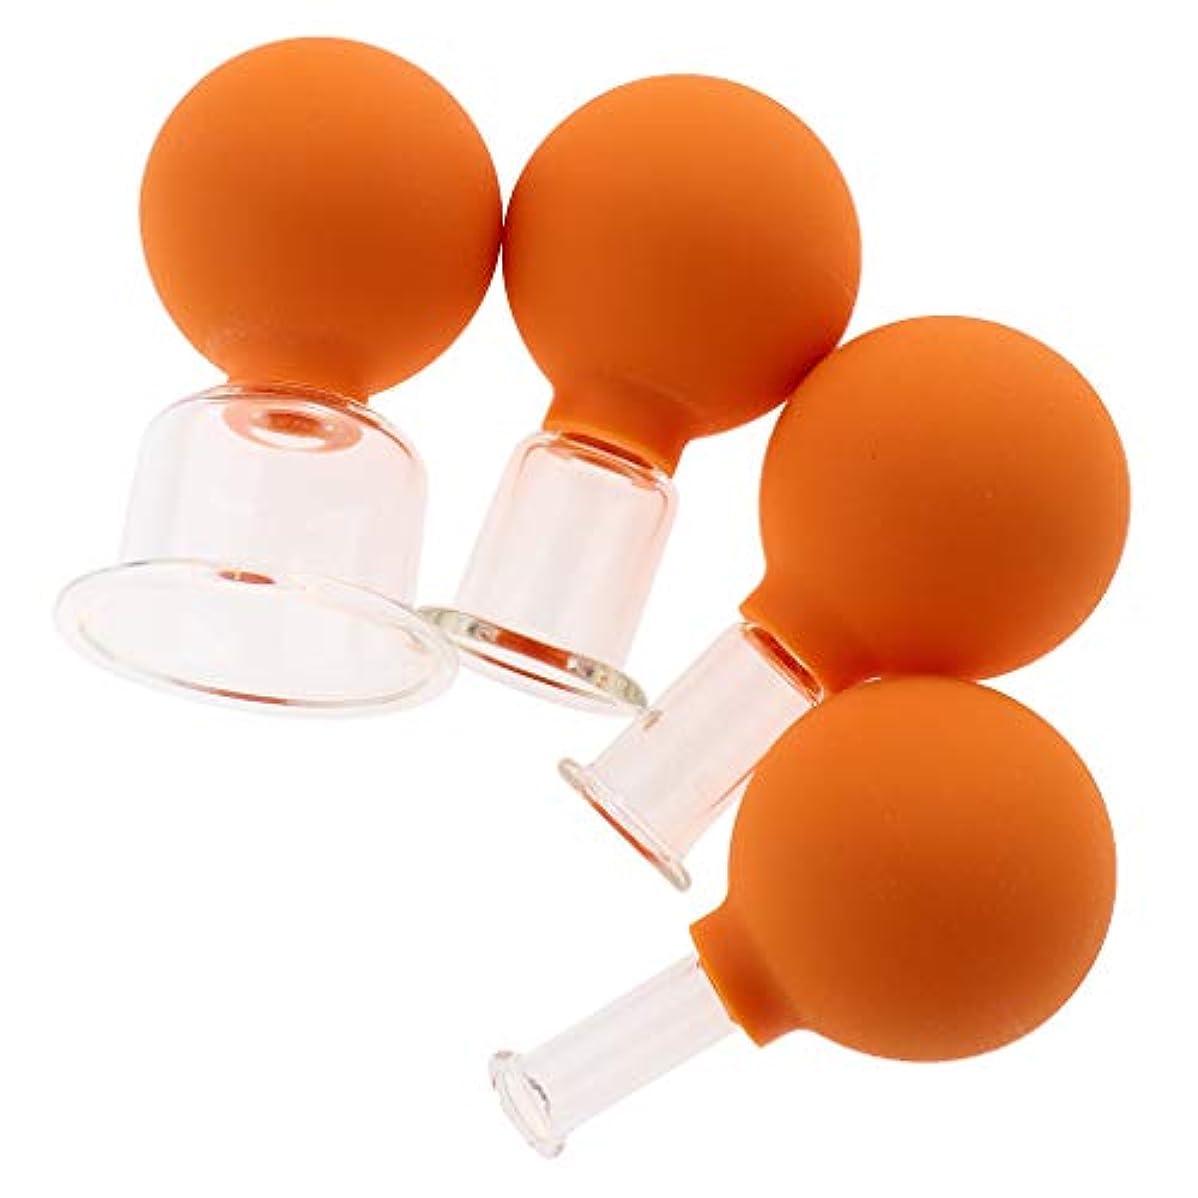 懲戒怠感オアシスF Fityle マッサージ吸い玉 マッサージカップ ガラスカッピング ゴム 真空 男女兼用 4個 全3色 - オレンジ